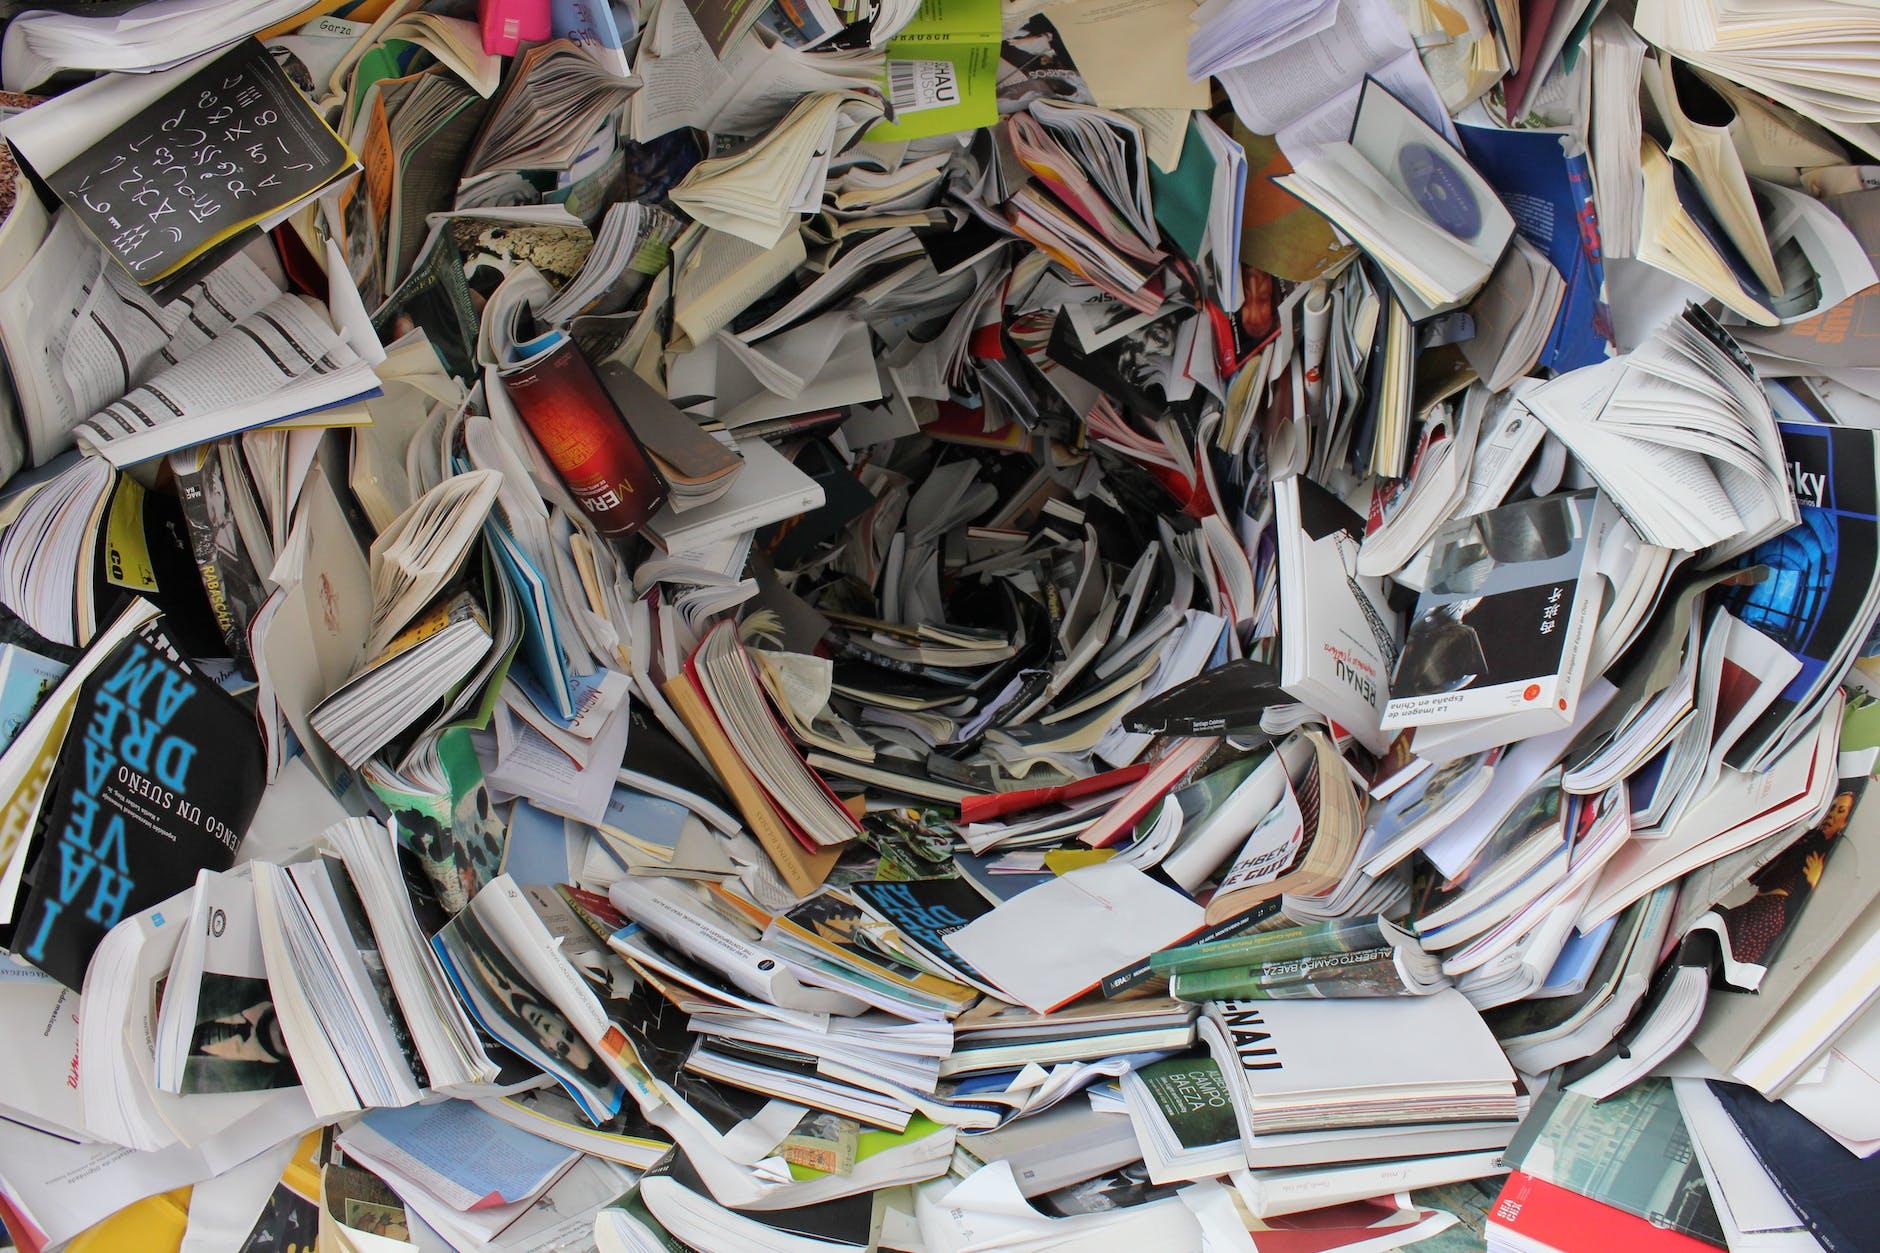 Uma pilha de papéis